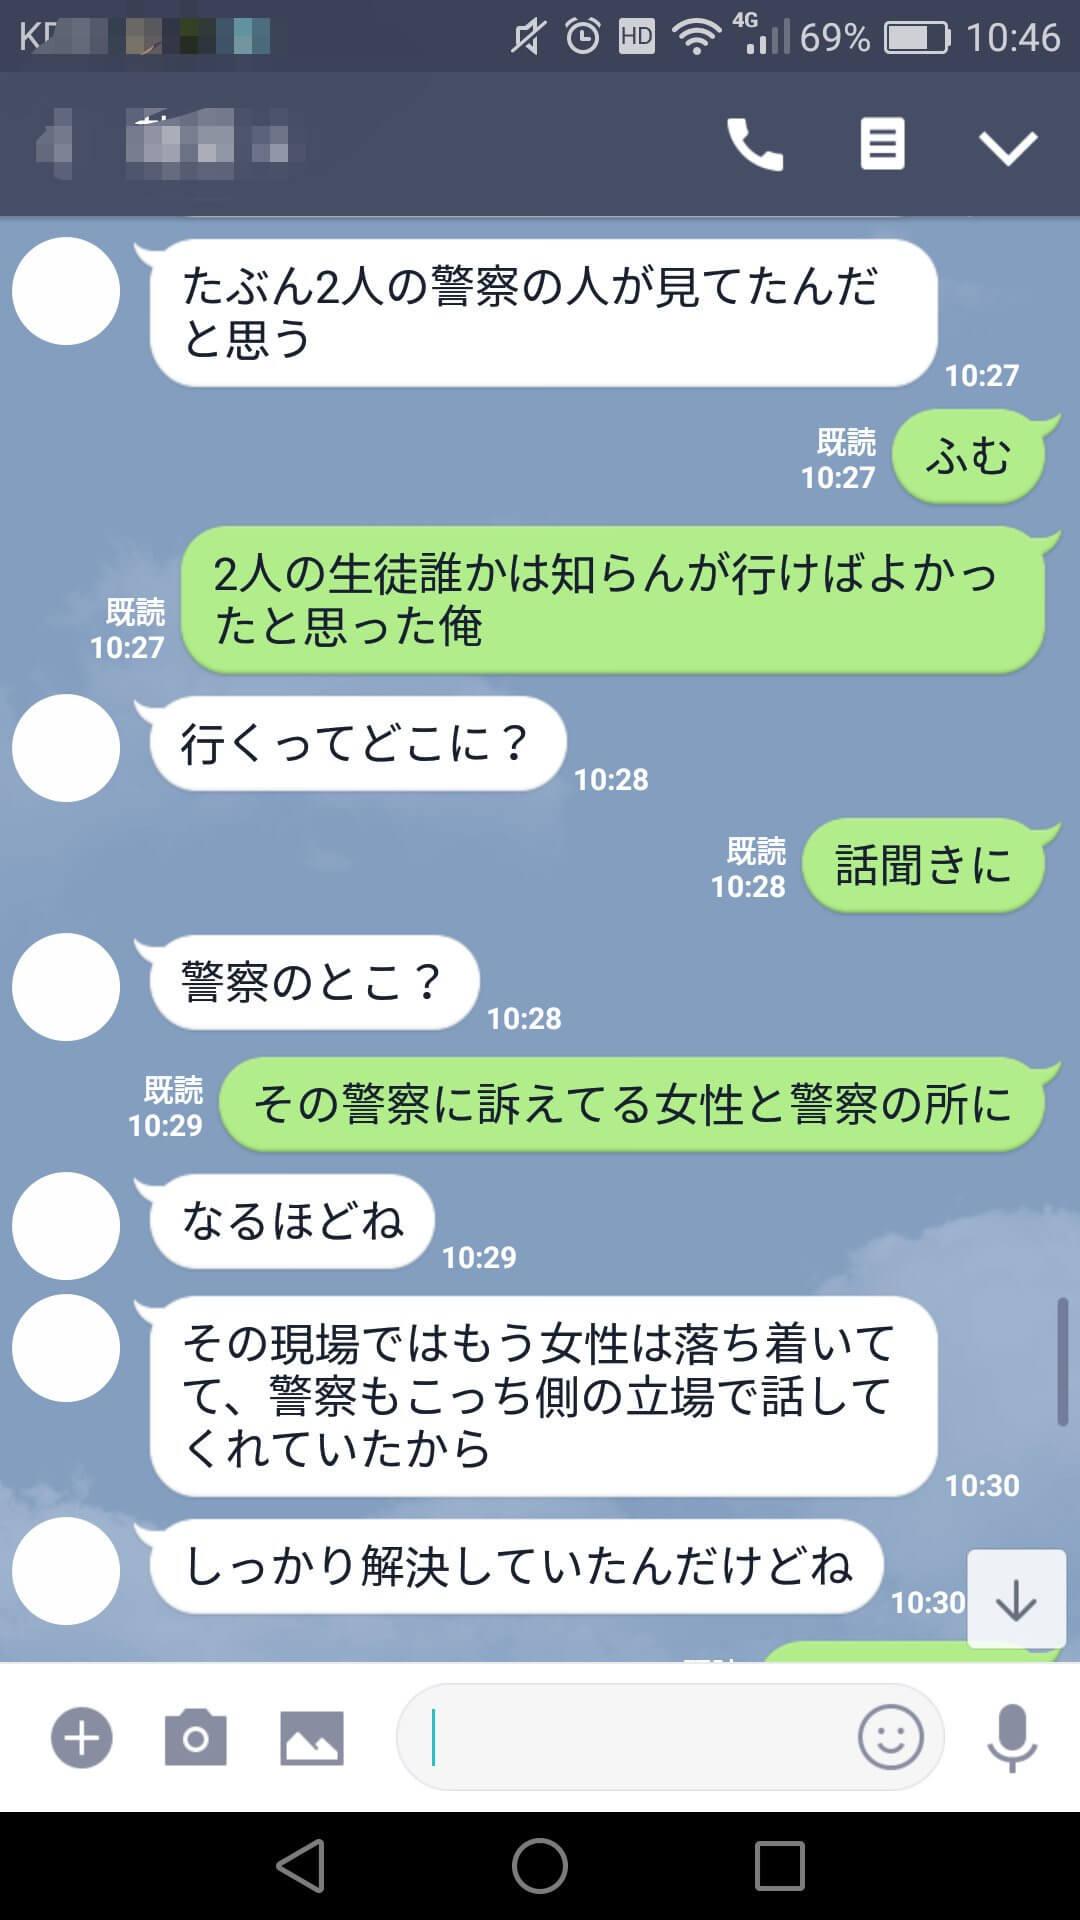 新橋駅前SL広場の騒動についてさなさん(@sana_seria)が関係者に事実関係を確認したキャプチャ画像11